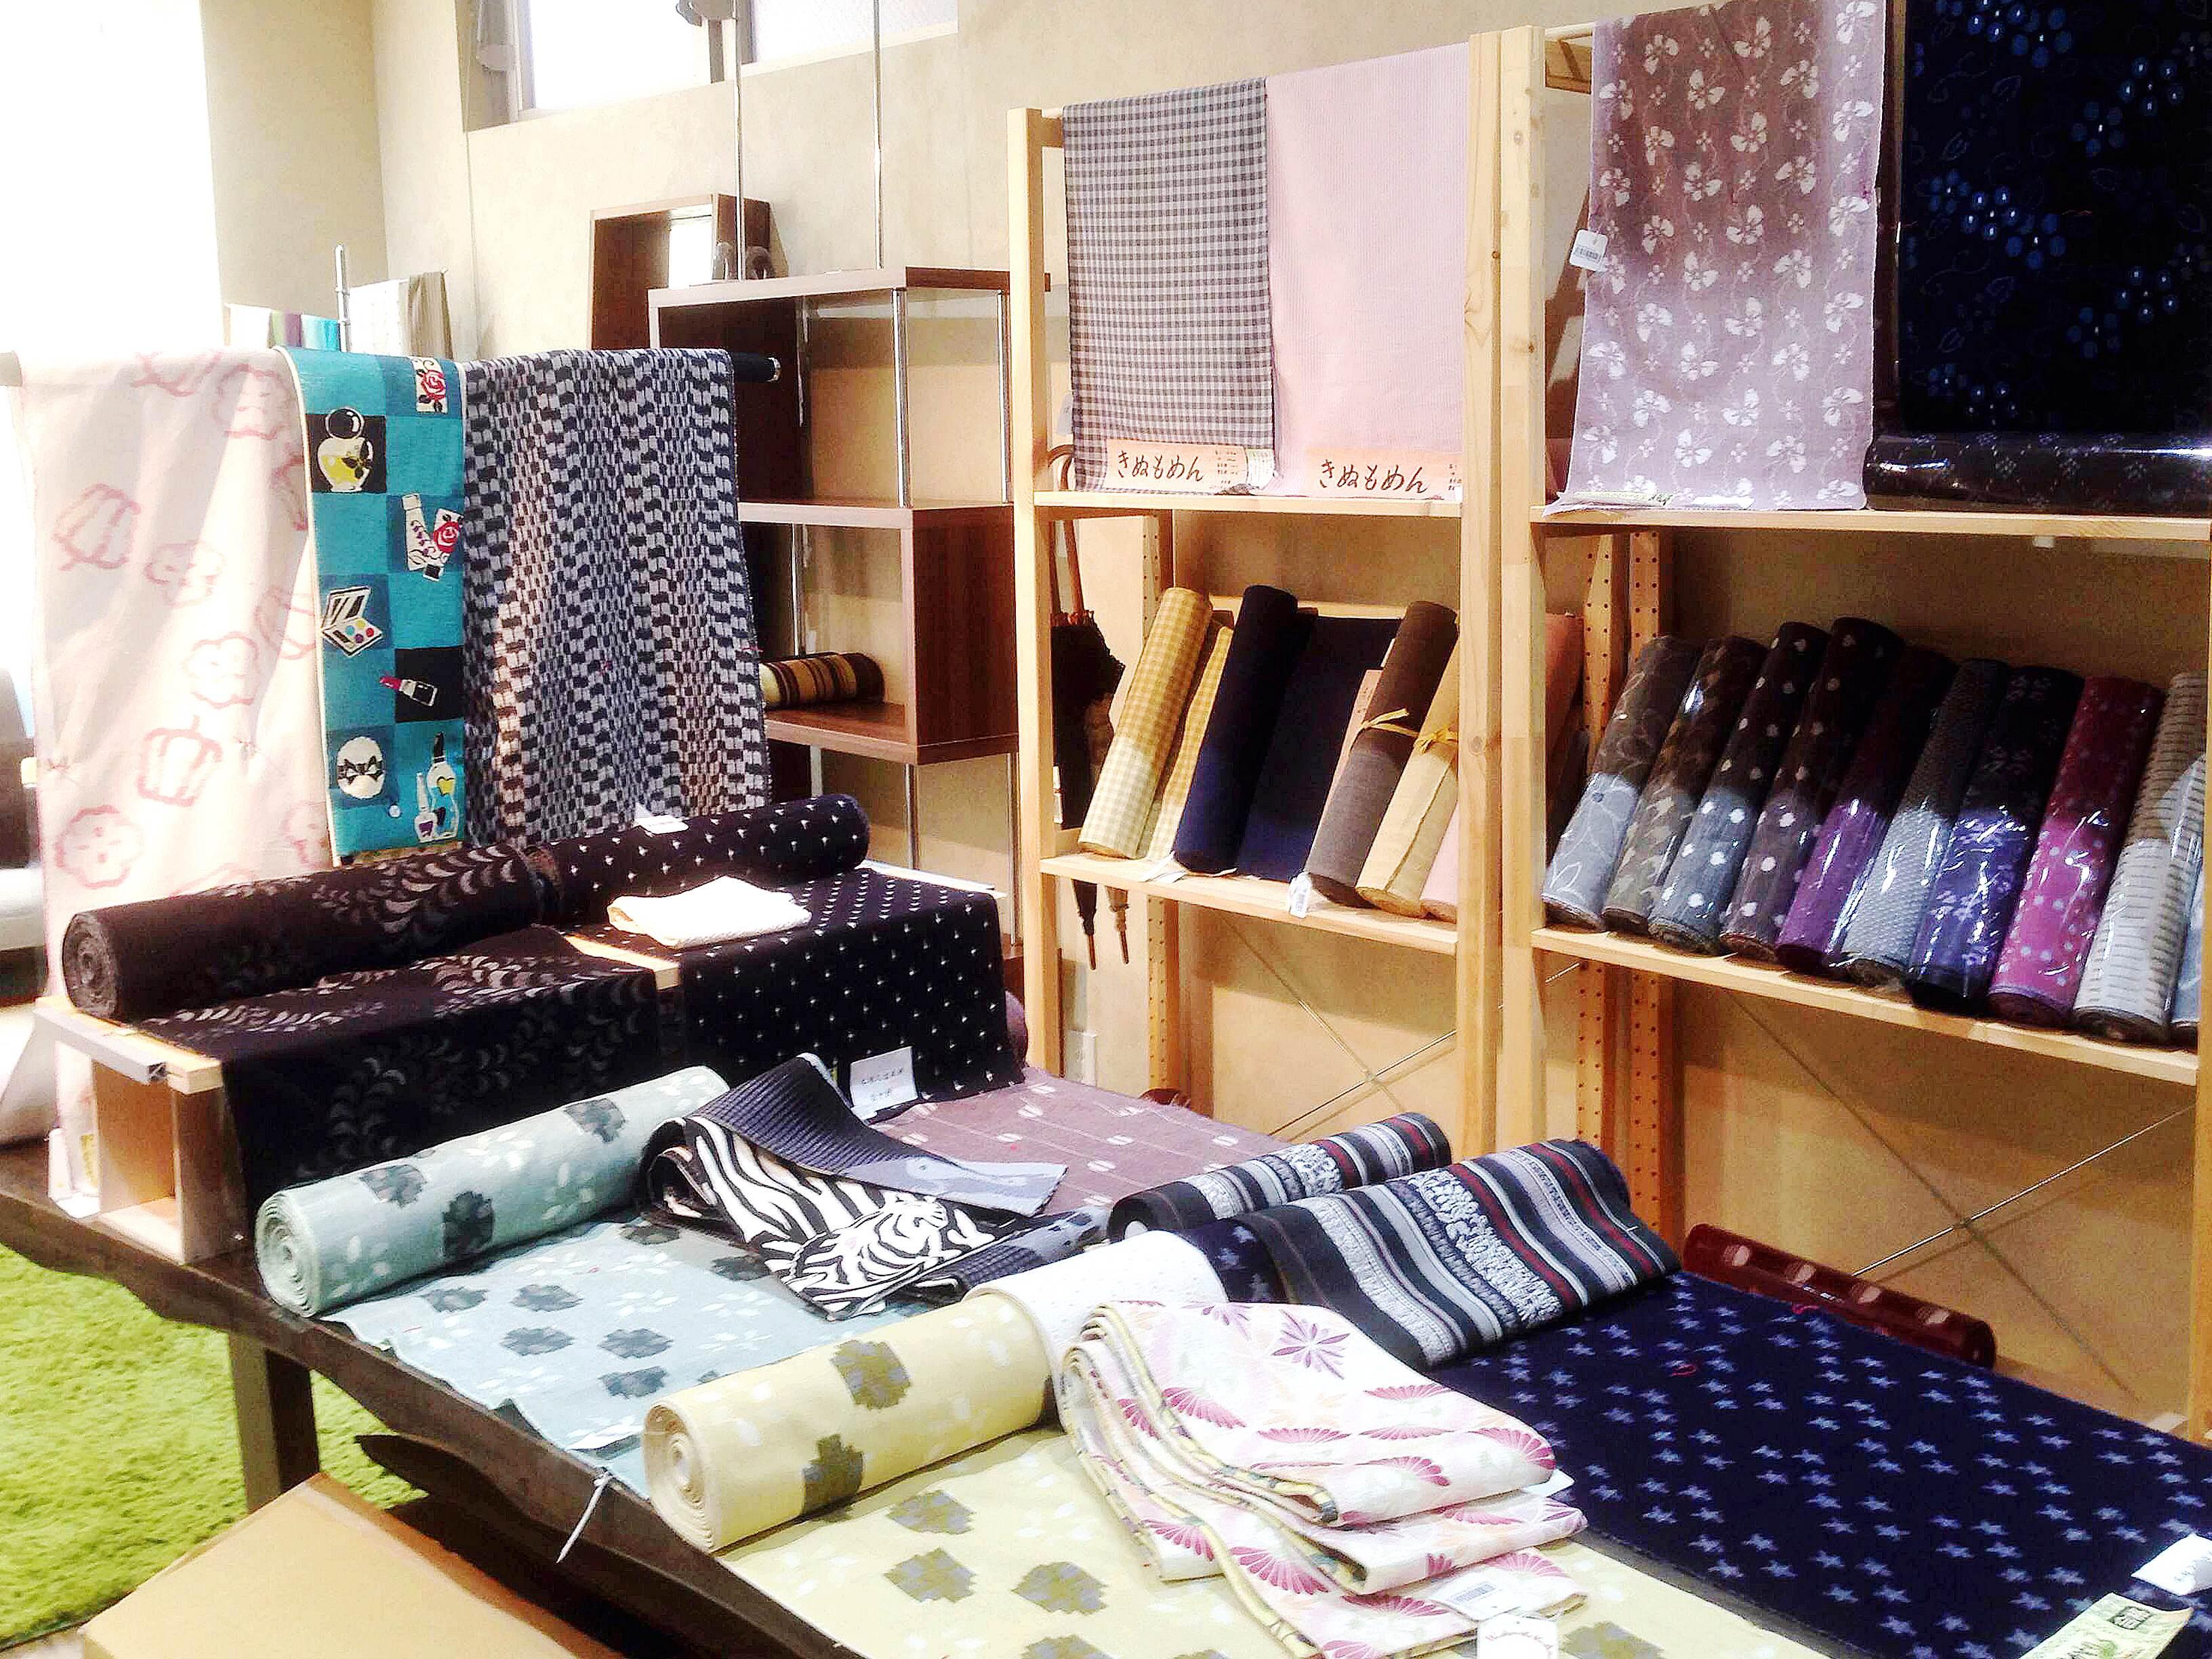 2階には、久留米絣を中心に木綿の着物やWAKKAの帯など着物を気軽にとことん楽しめる アイテムがたくさん揃っております。